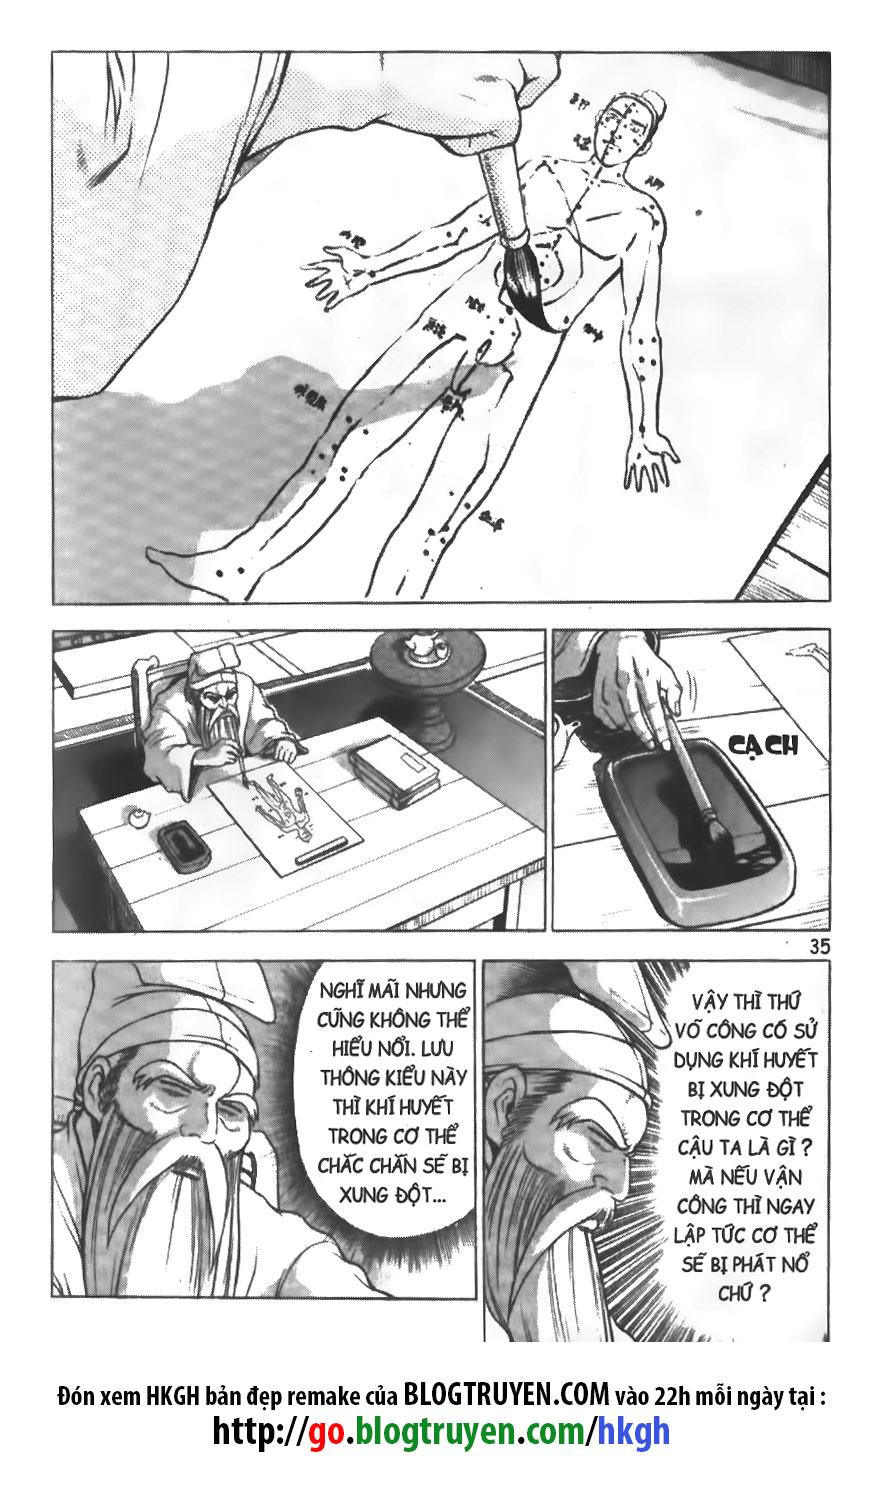 xem truyen moi - Hiệp Khách Giang Hồ Vol34 - Chap 230 - Remake